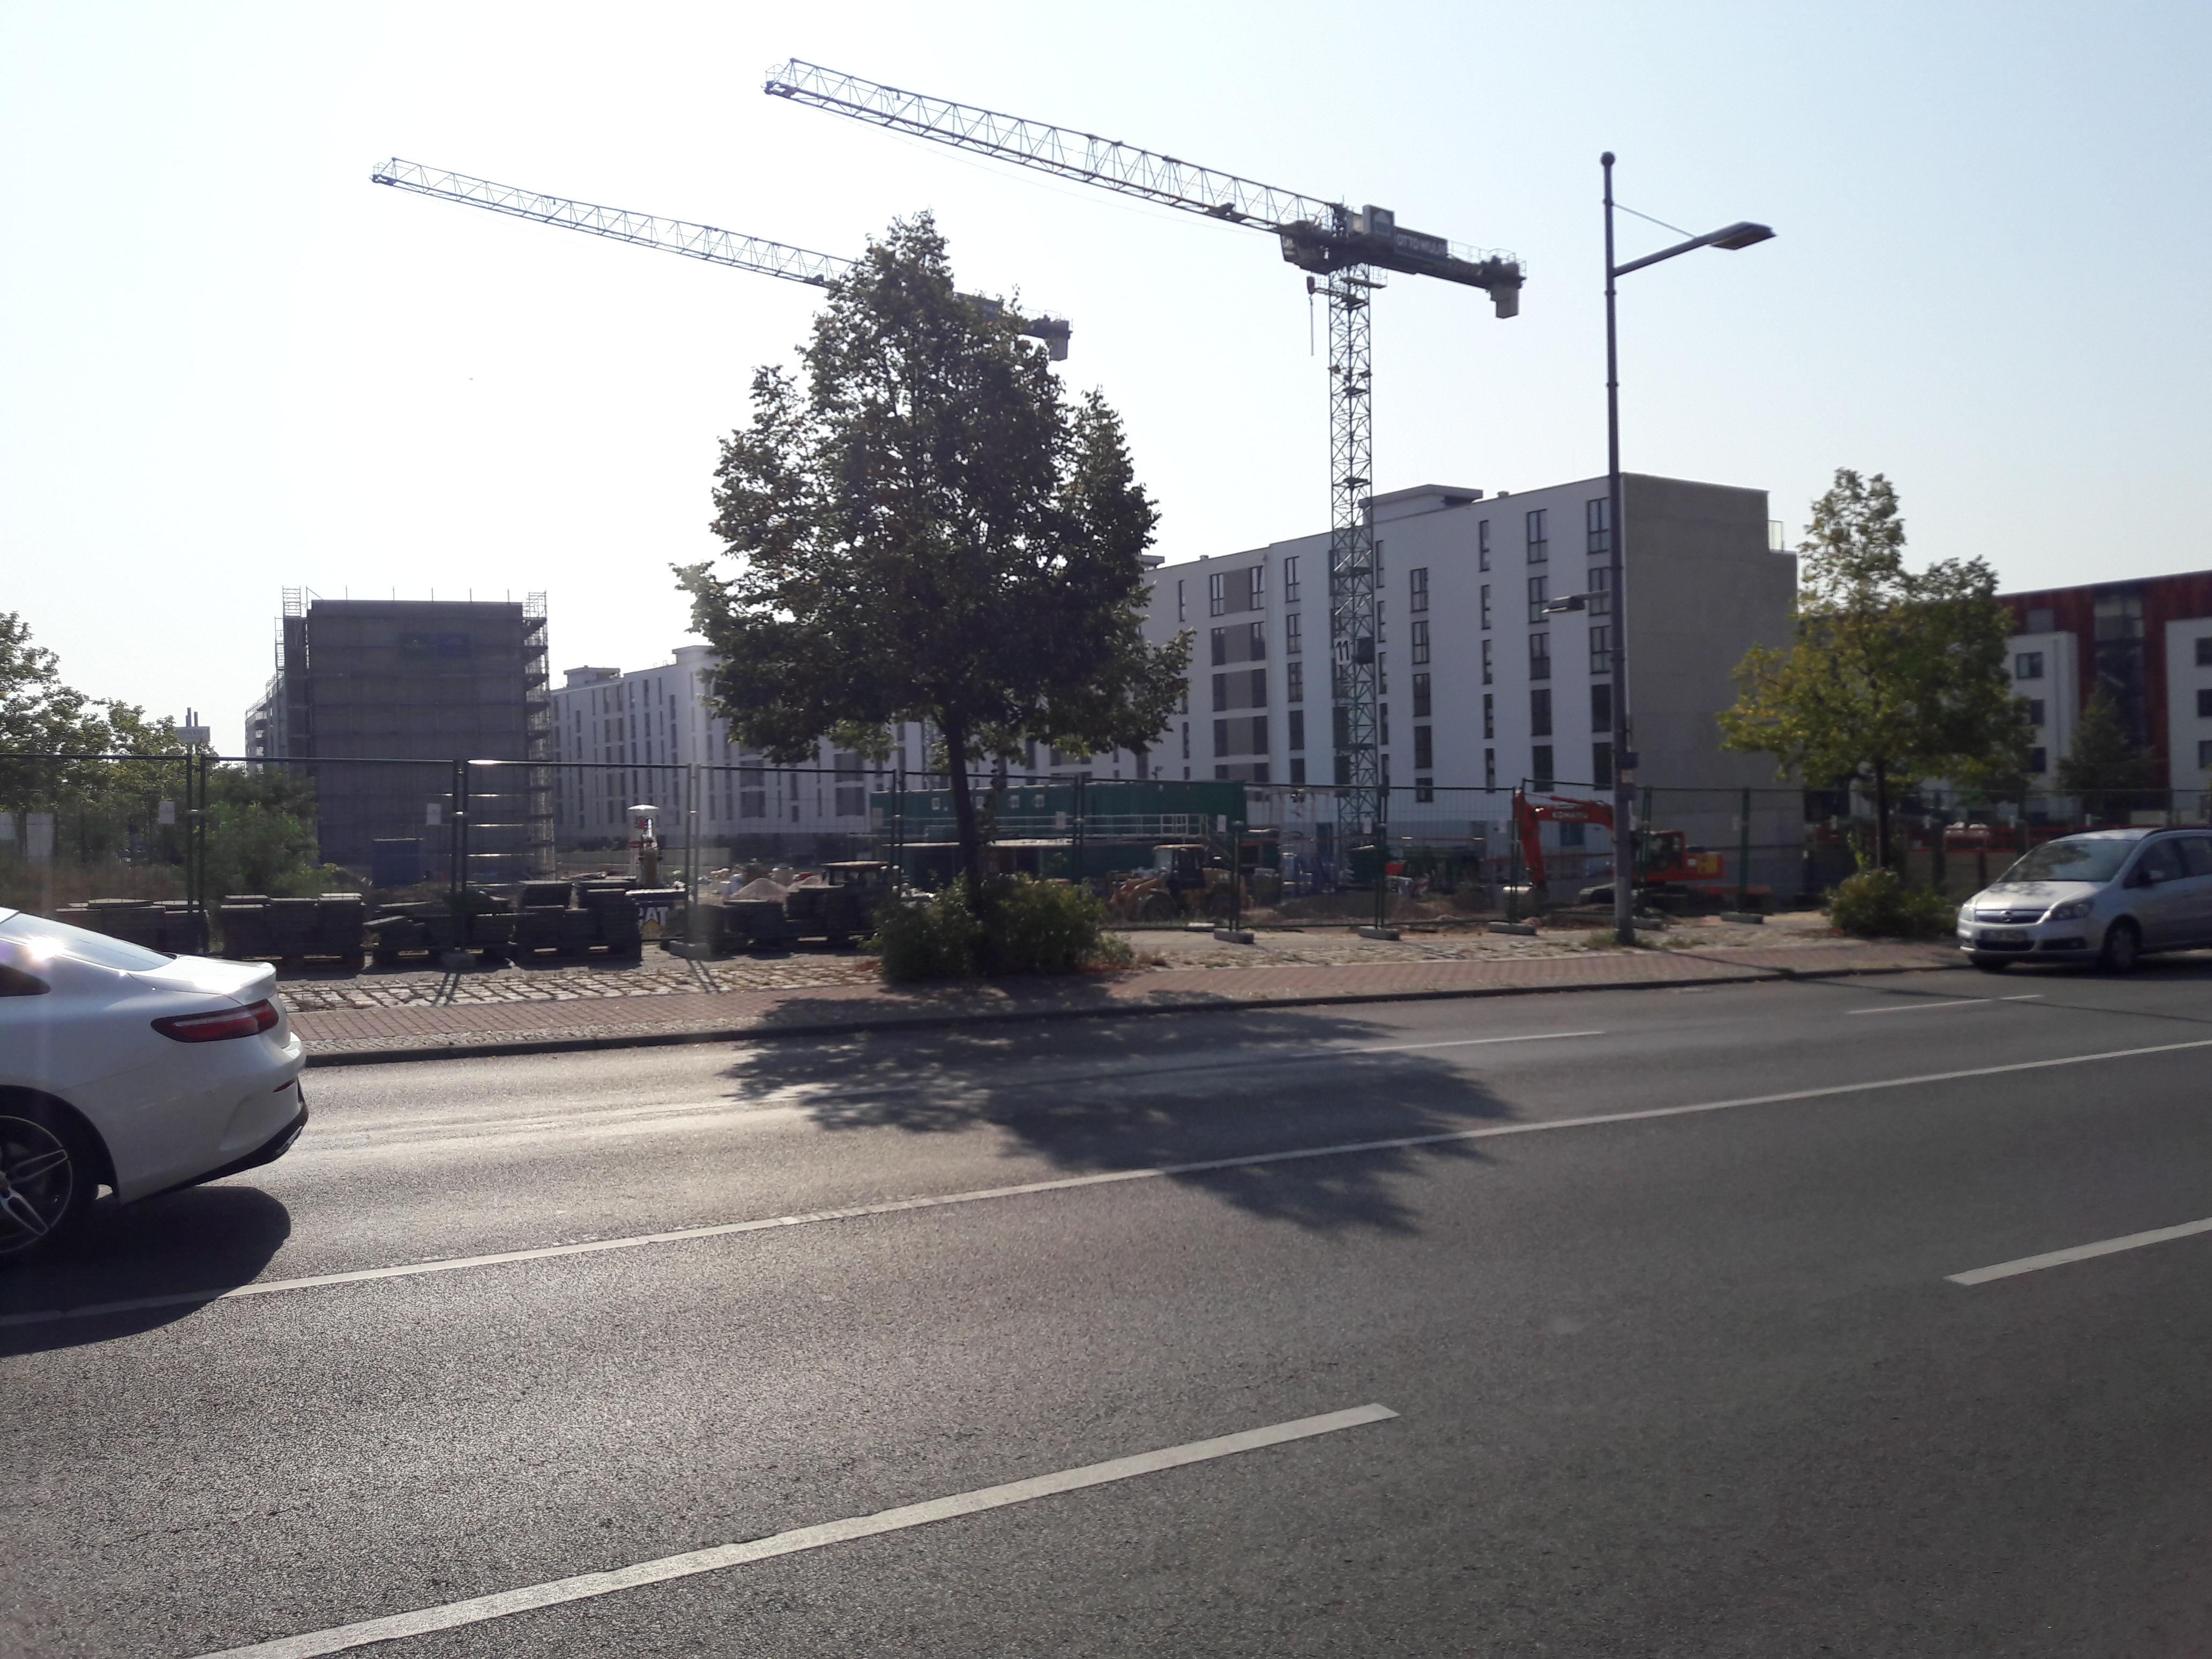 Prenzlhain-Neubau.jpg